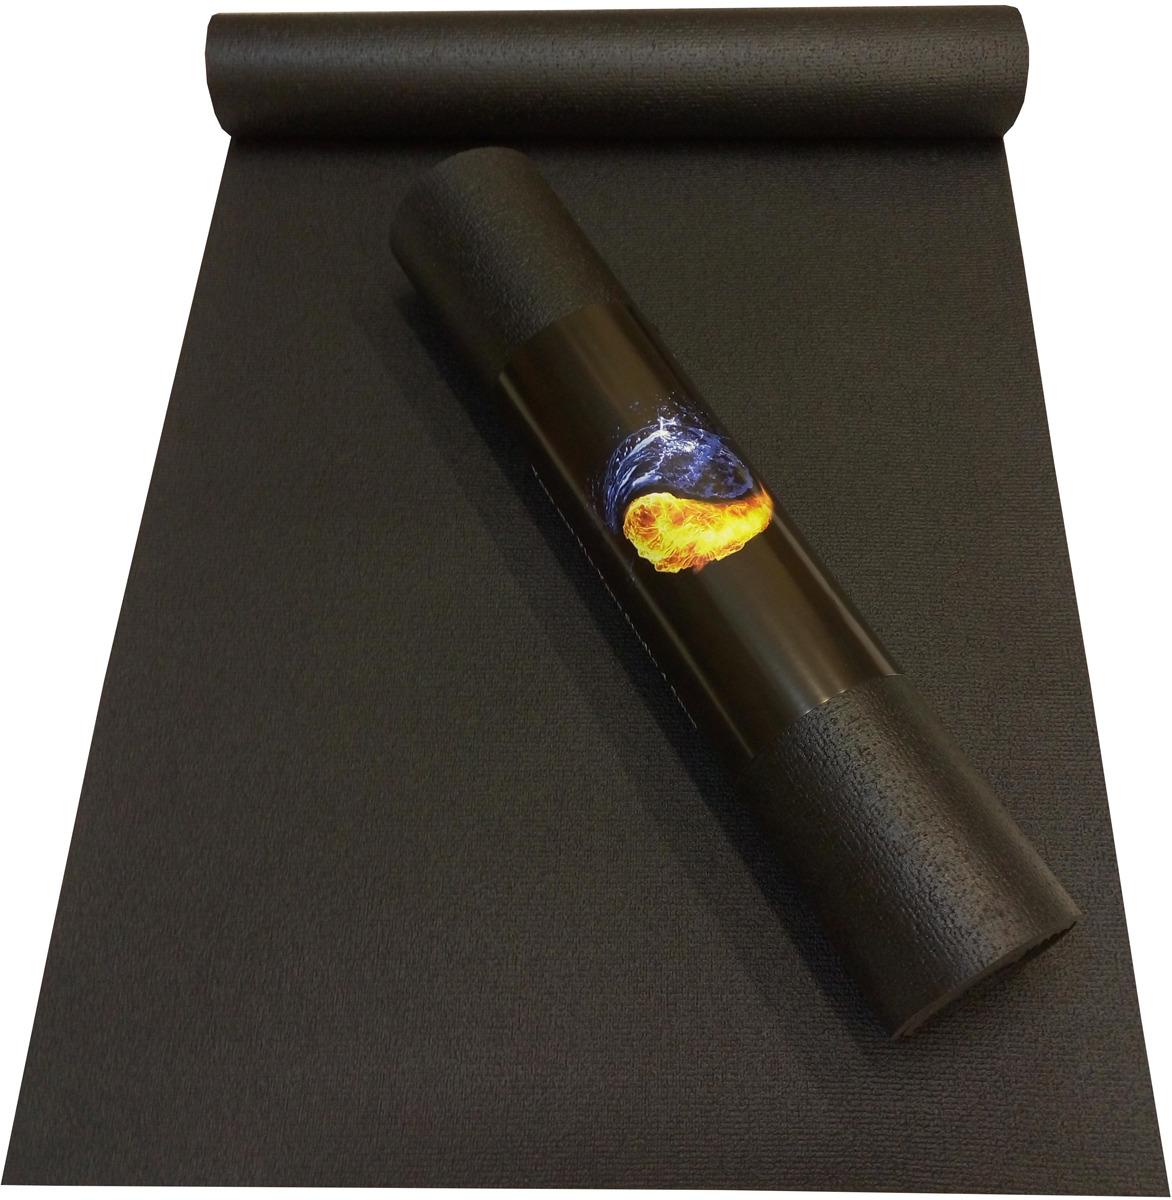 Коврик для йоги Ako-Yoga Yin-Yang Studio, цвет: черный, 200 х 80 см цены